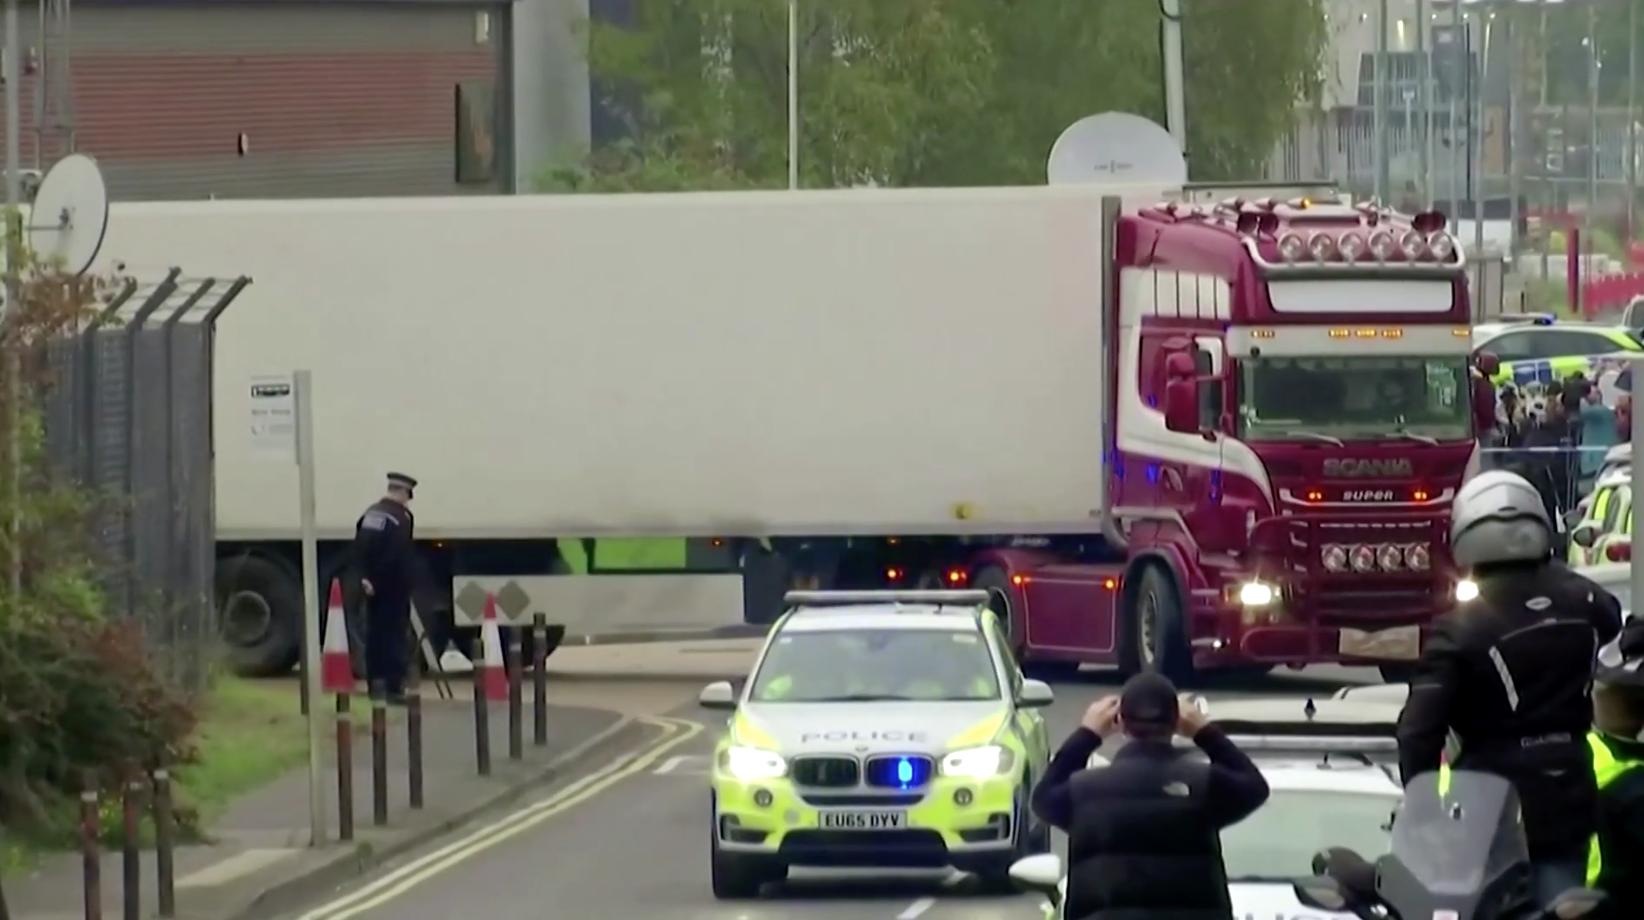 Bắt đầu xét xử nghi can trong thảm kịch xe vận tải chở di dân Việt Nam vượt biên vào Anh Quốc